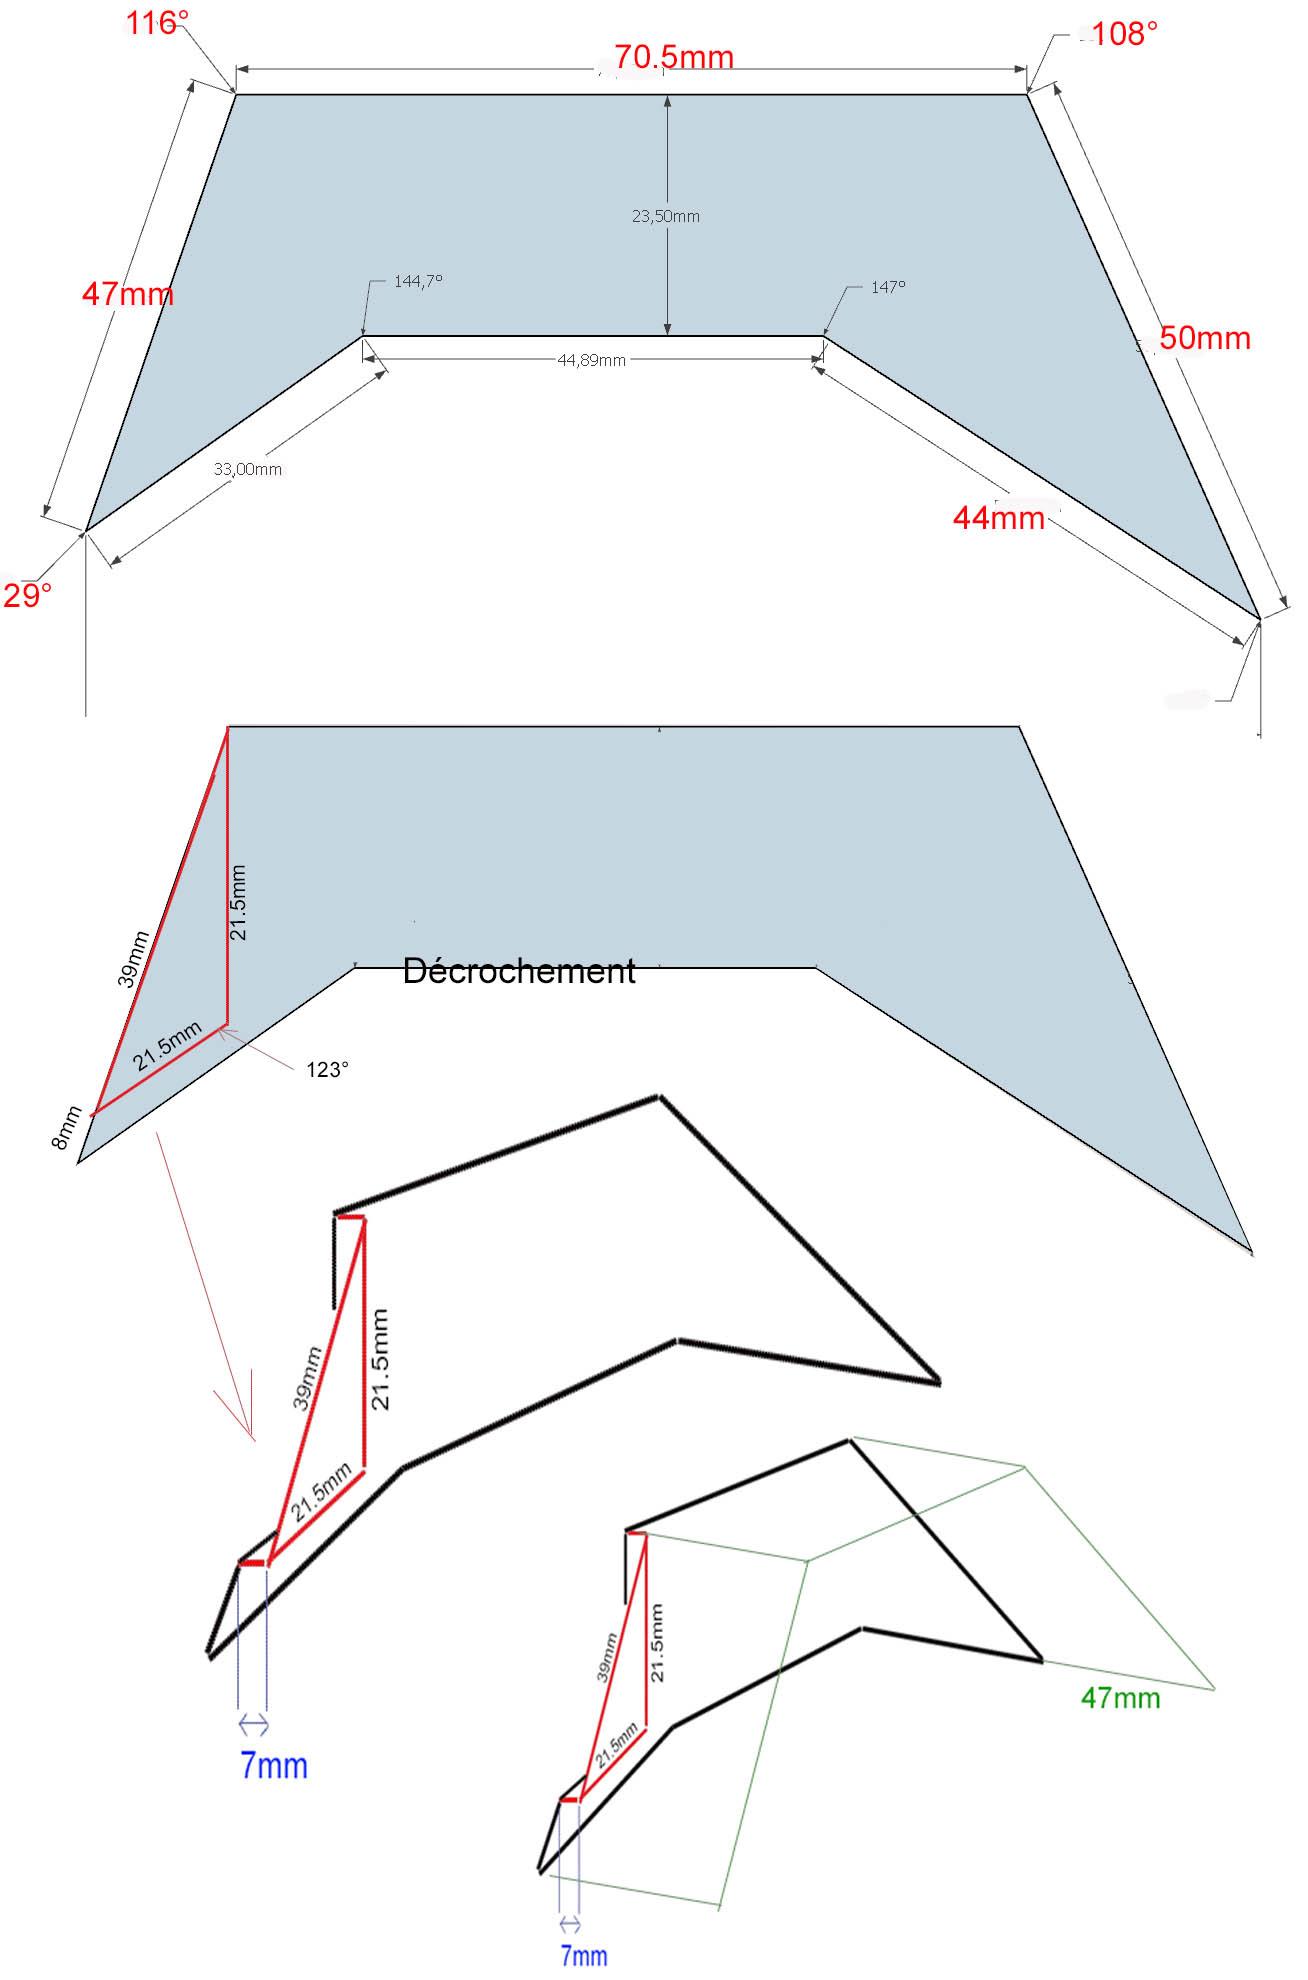 Garde Boue 3D et Passage de Roue 3D pour Scale et Crawler 1/10 - Page 2 Garde-33